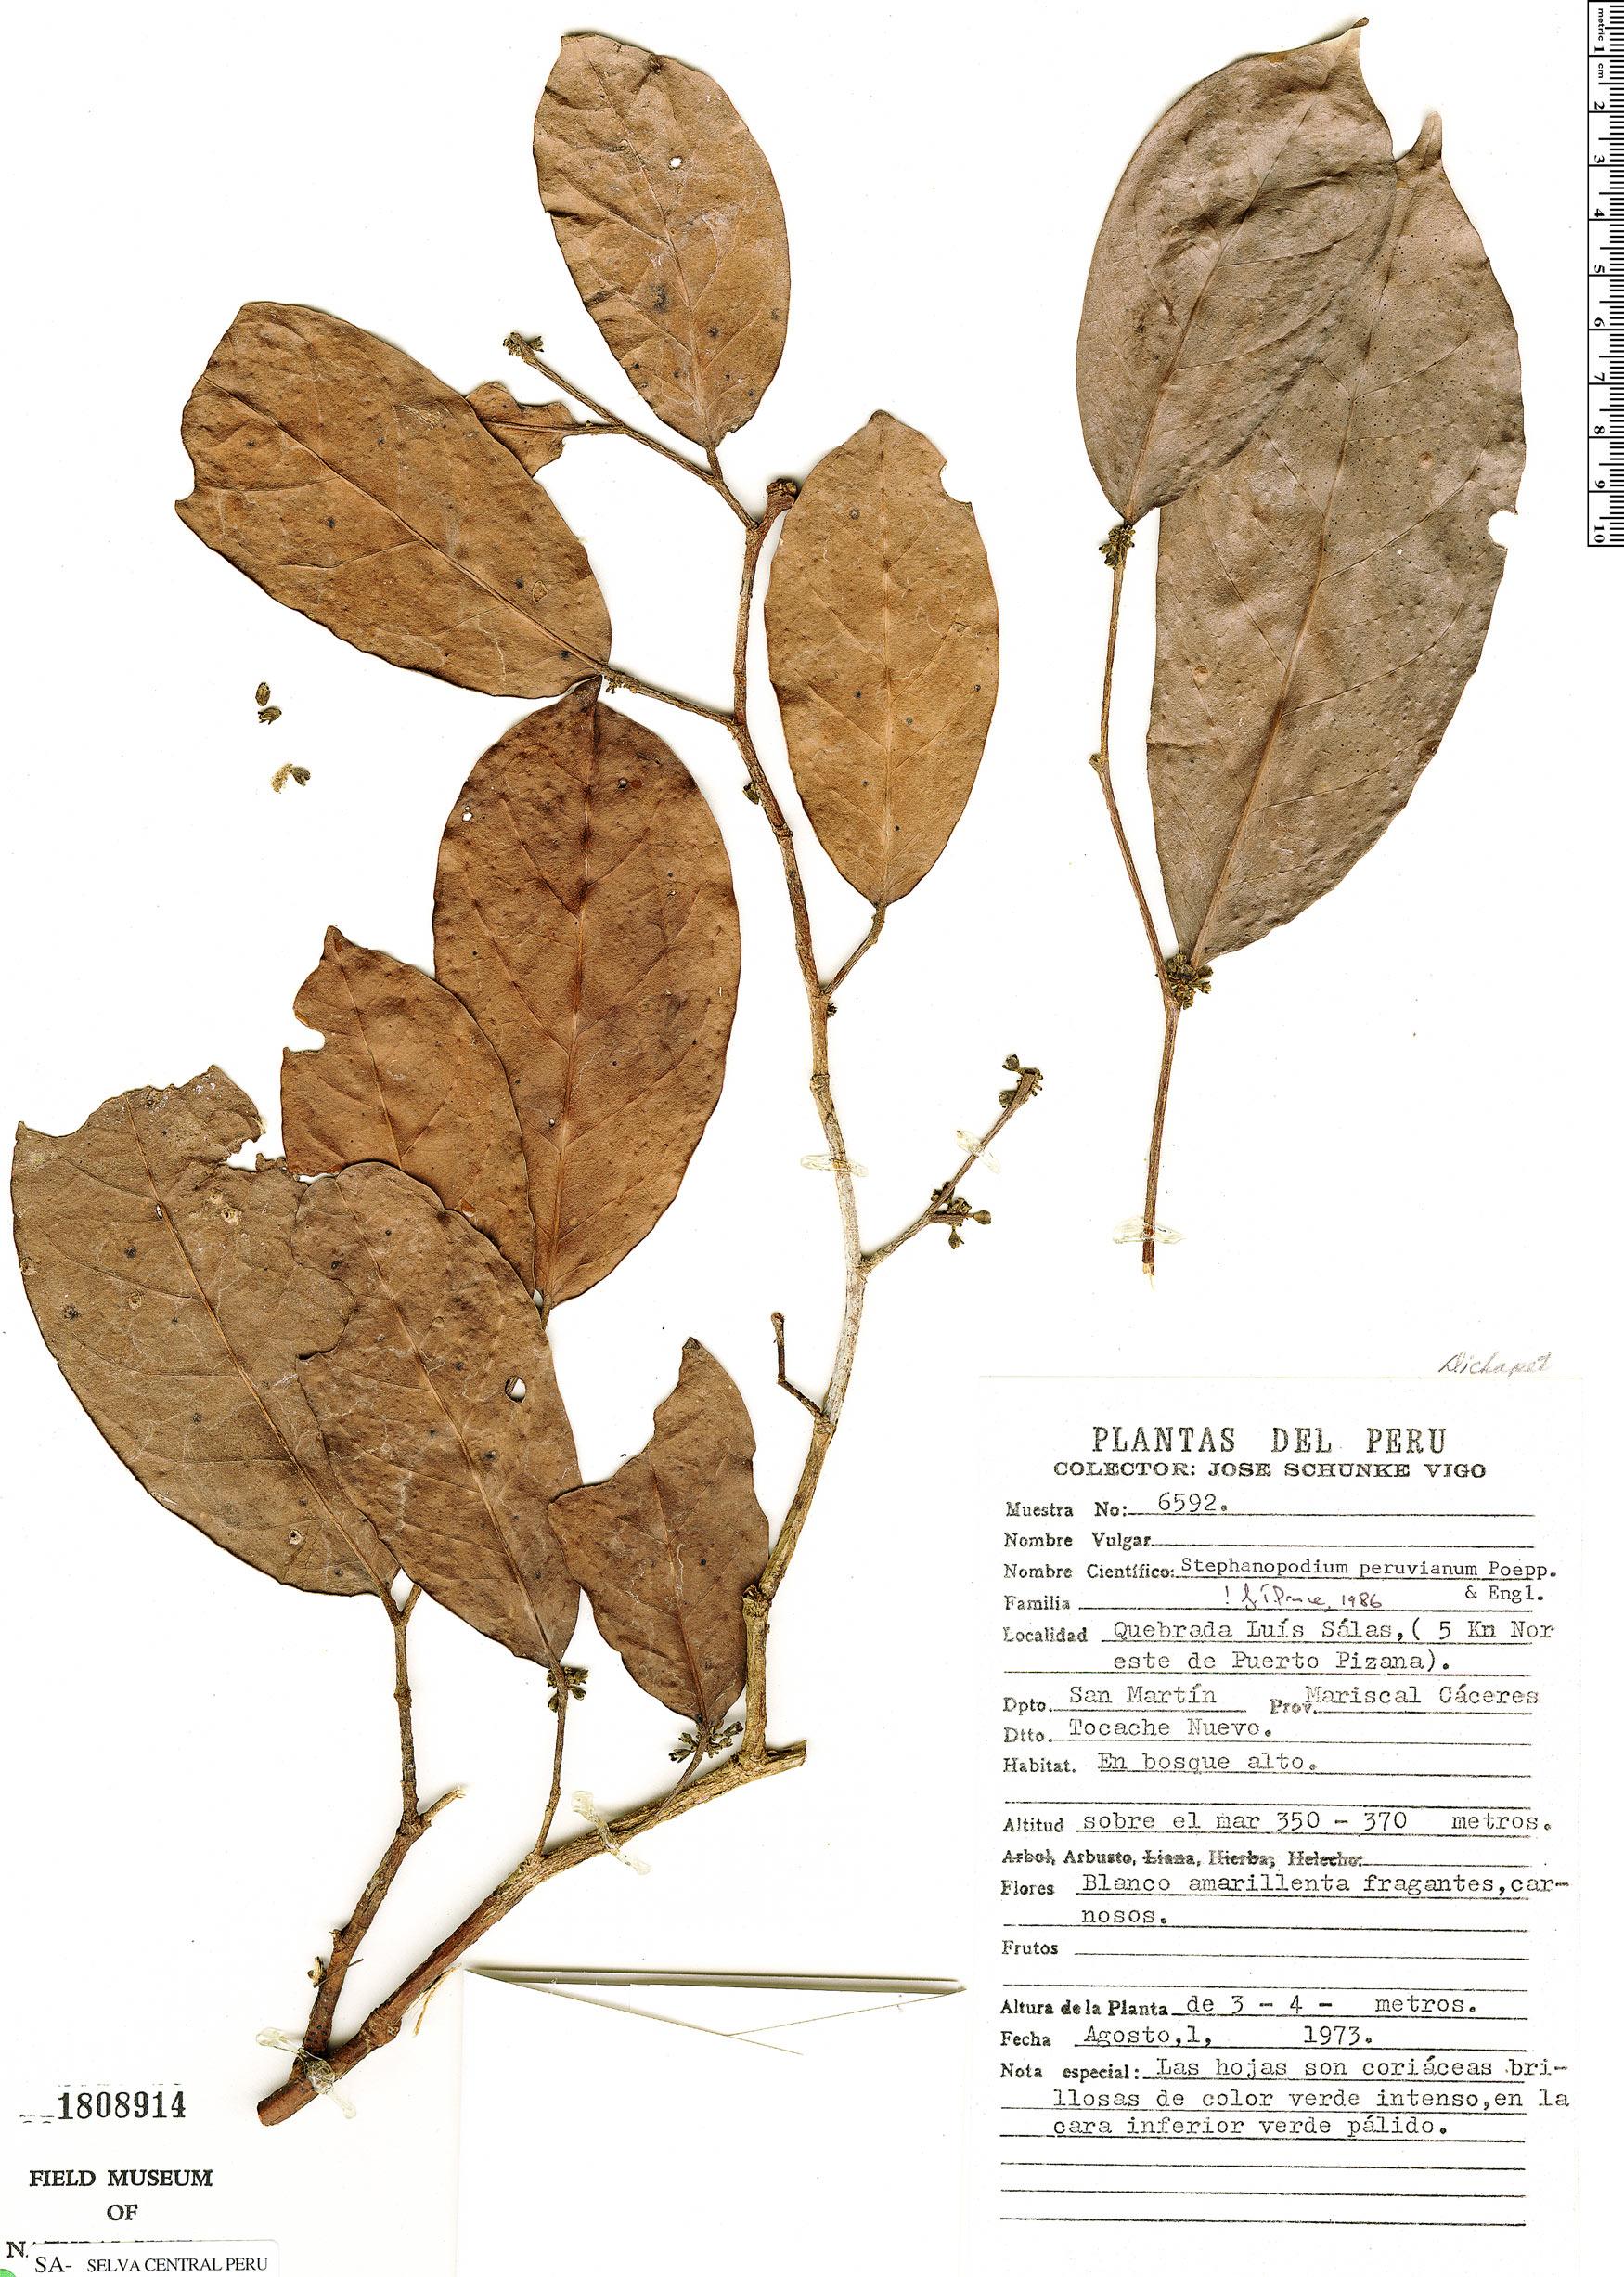 Specimen: Stephanopodium peruvianum